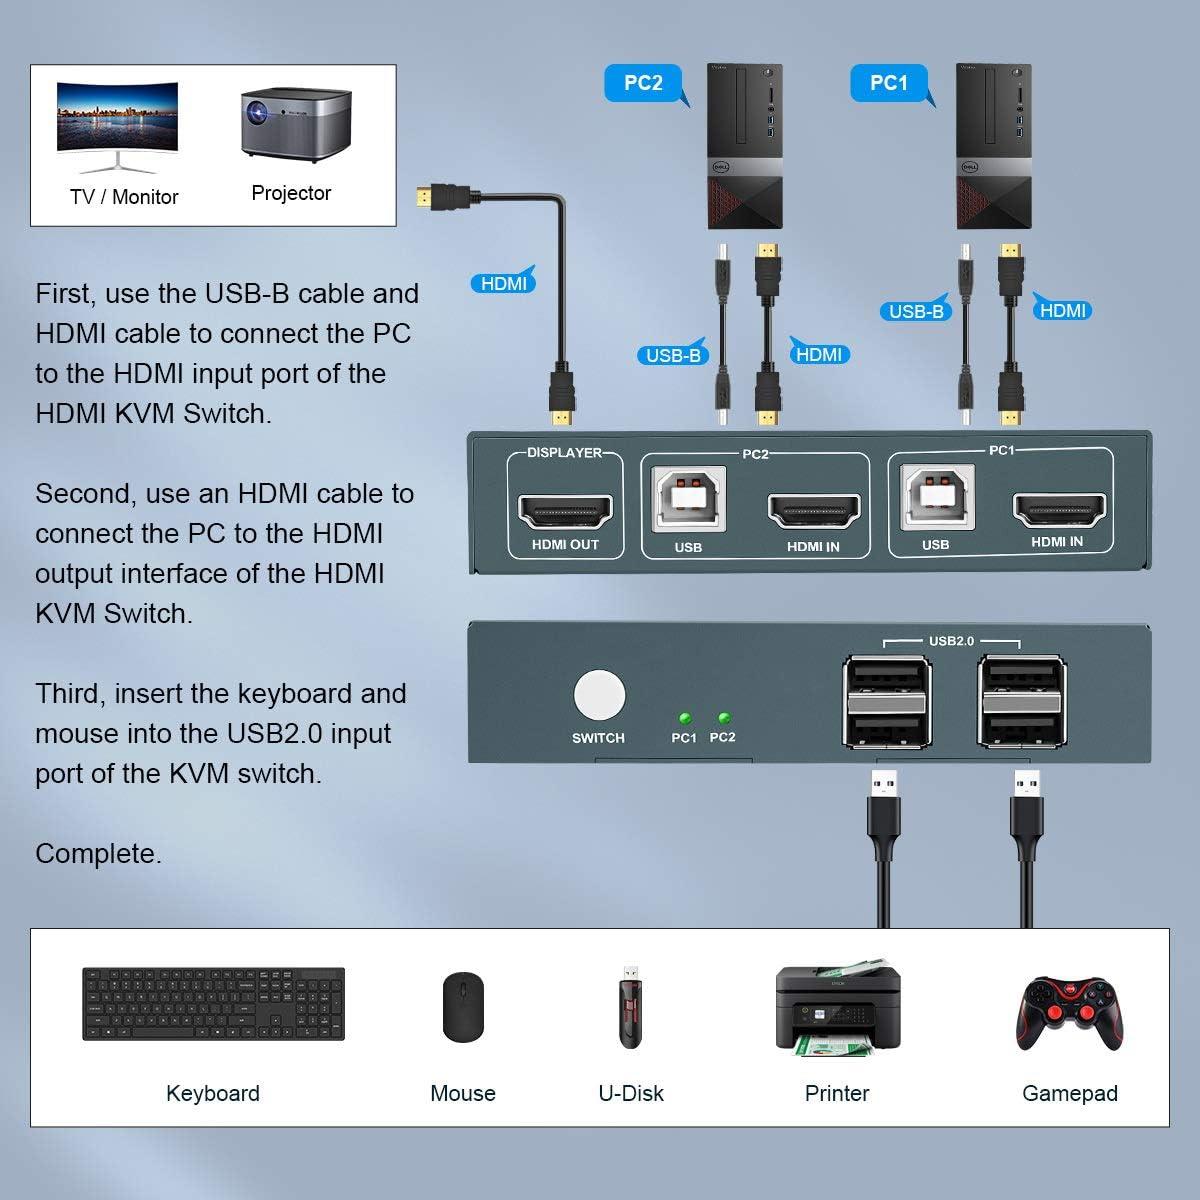 4K@30 Hz KVM Switch 2 PC 1 Monitor KVM USB Umschalter,Ultra HD,mit 2 USB und 2 HDMI Kabeln GREATHTEK HDMI KVM Switch USB 2 Port 4K 4 USB 2.0